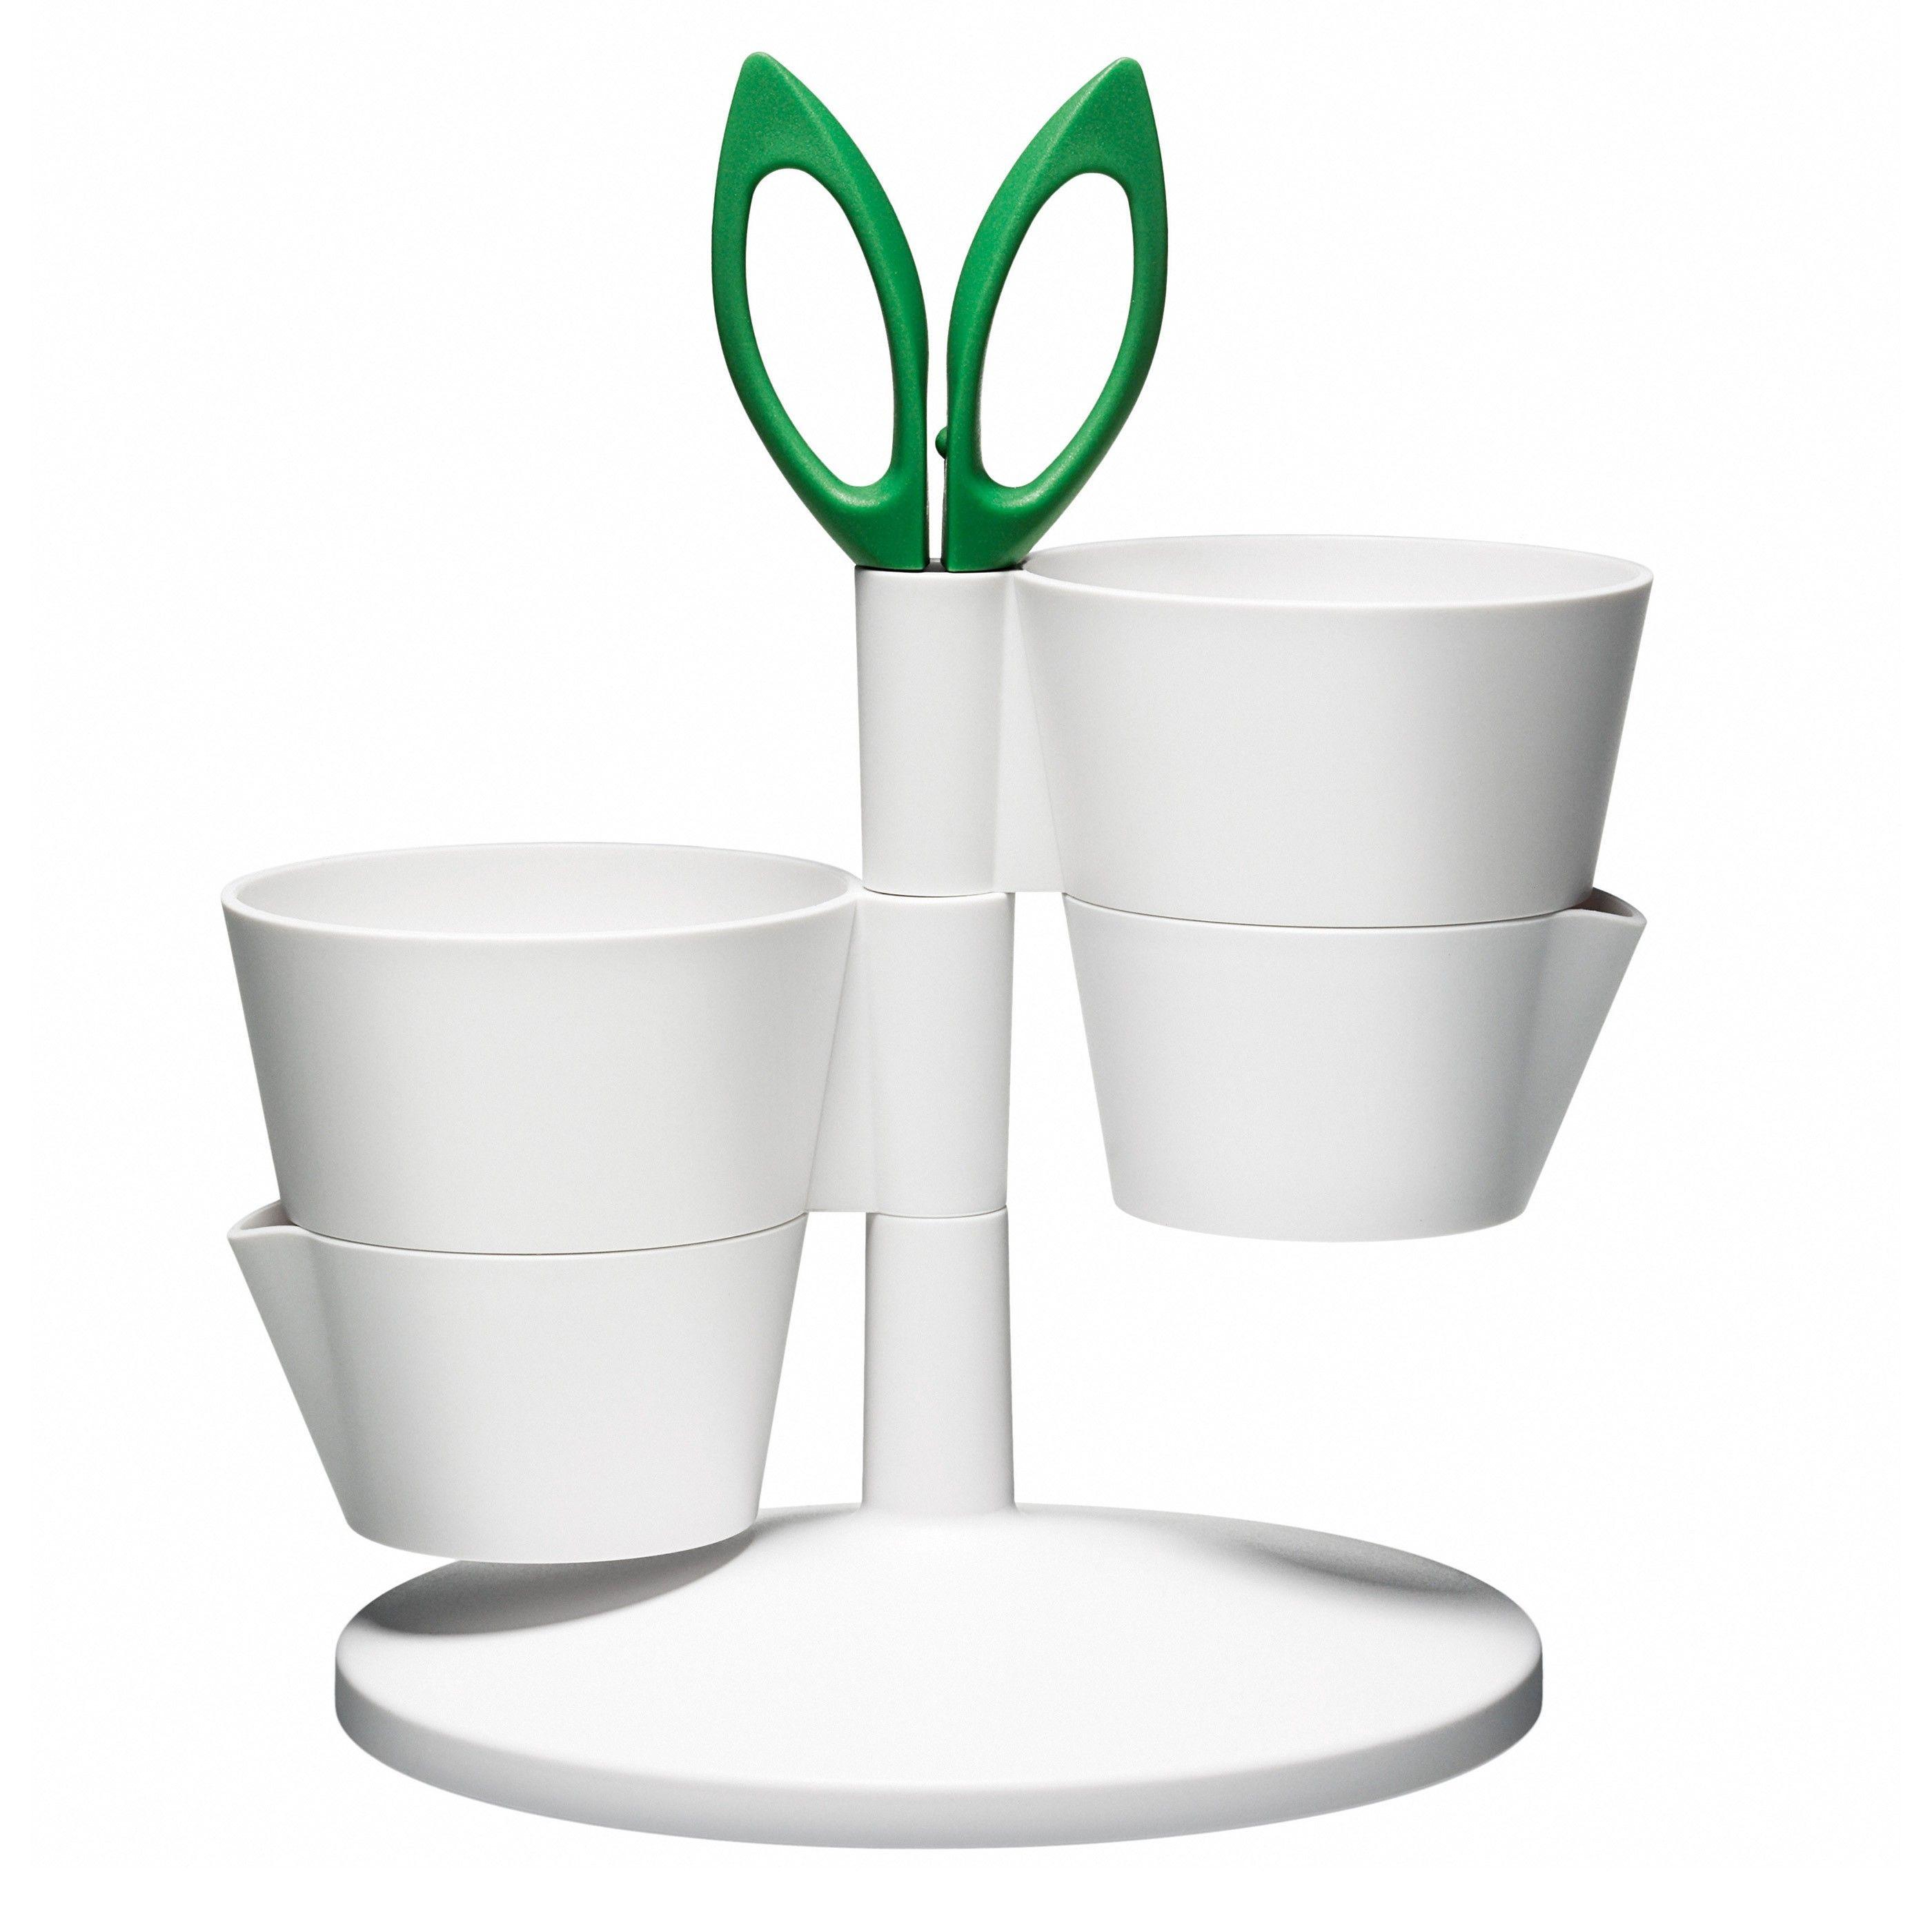 Normann Copenhagen Herb Stand Kruidenpot Flinders Verzendt Gratis